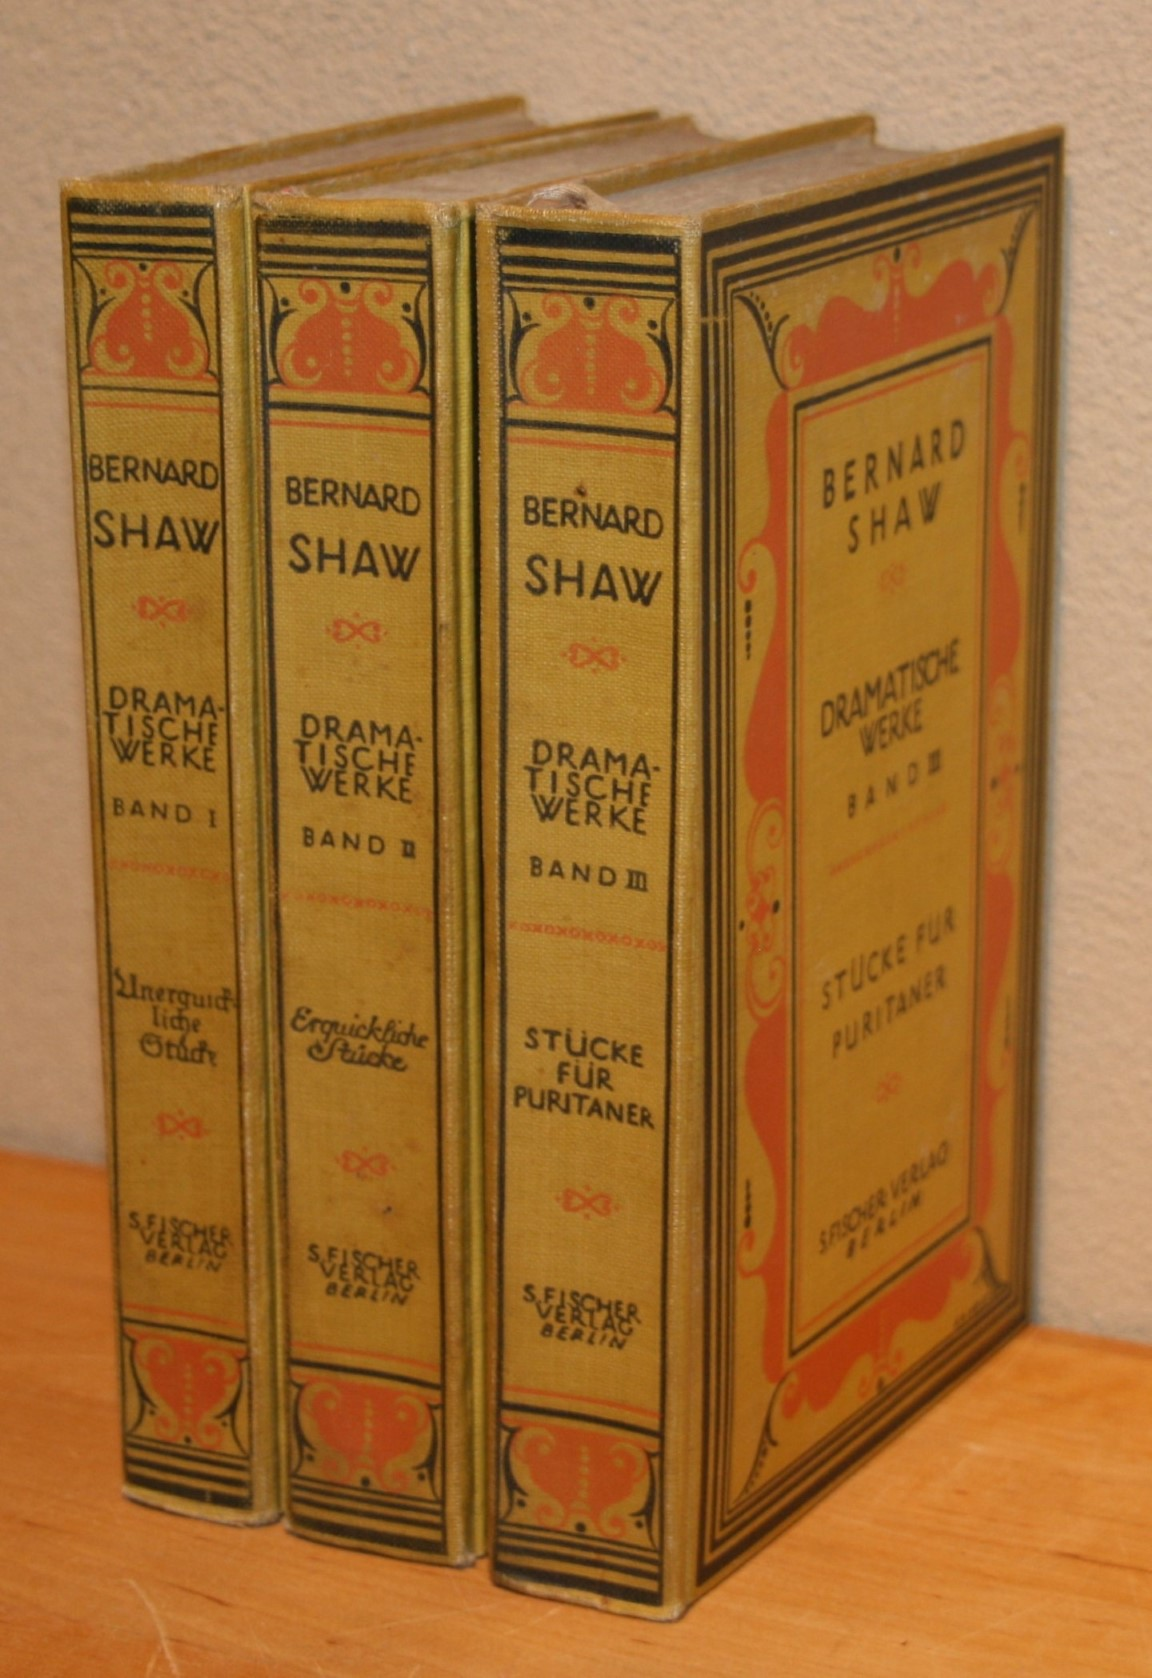 Dramatische Werke. Auswahl in drei Bänden. Band 1: Unerquickliche Stücke. Band 2: Erquickliche Stücke. Band 3: Stücke für Puritaner.